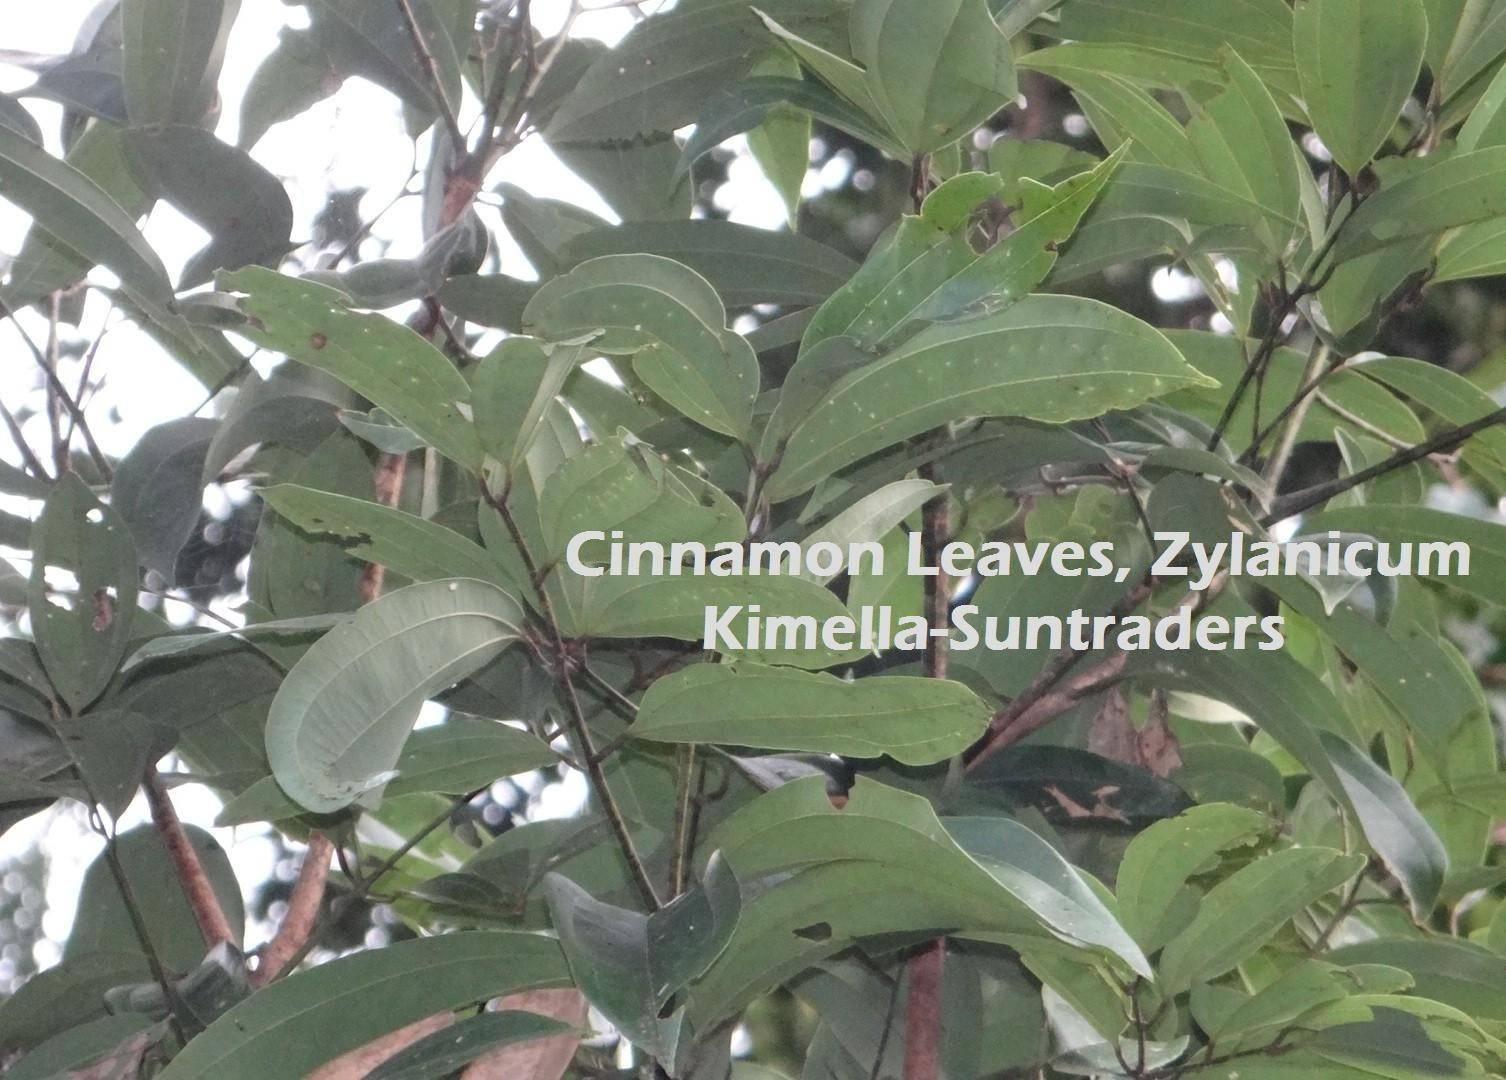 Cinnamon Leaves